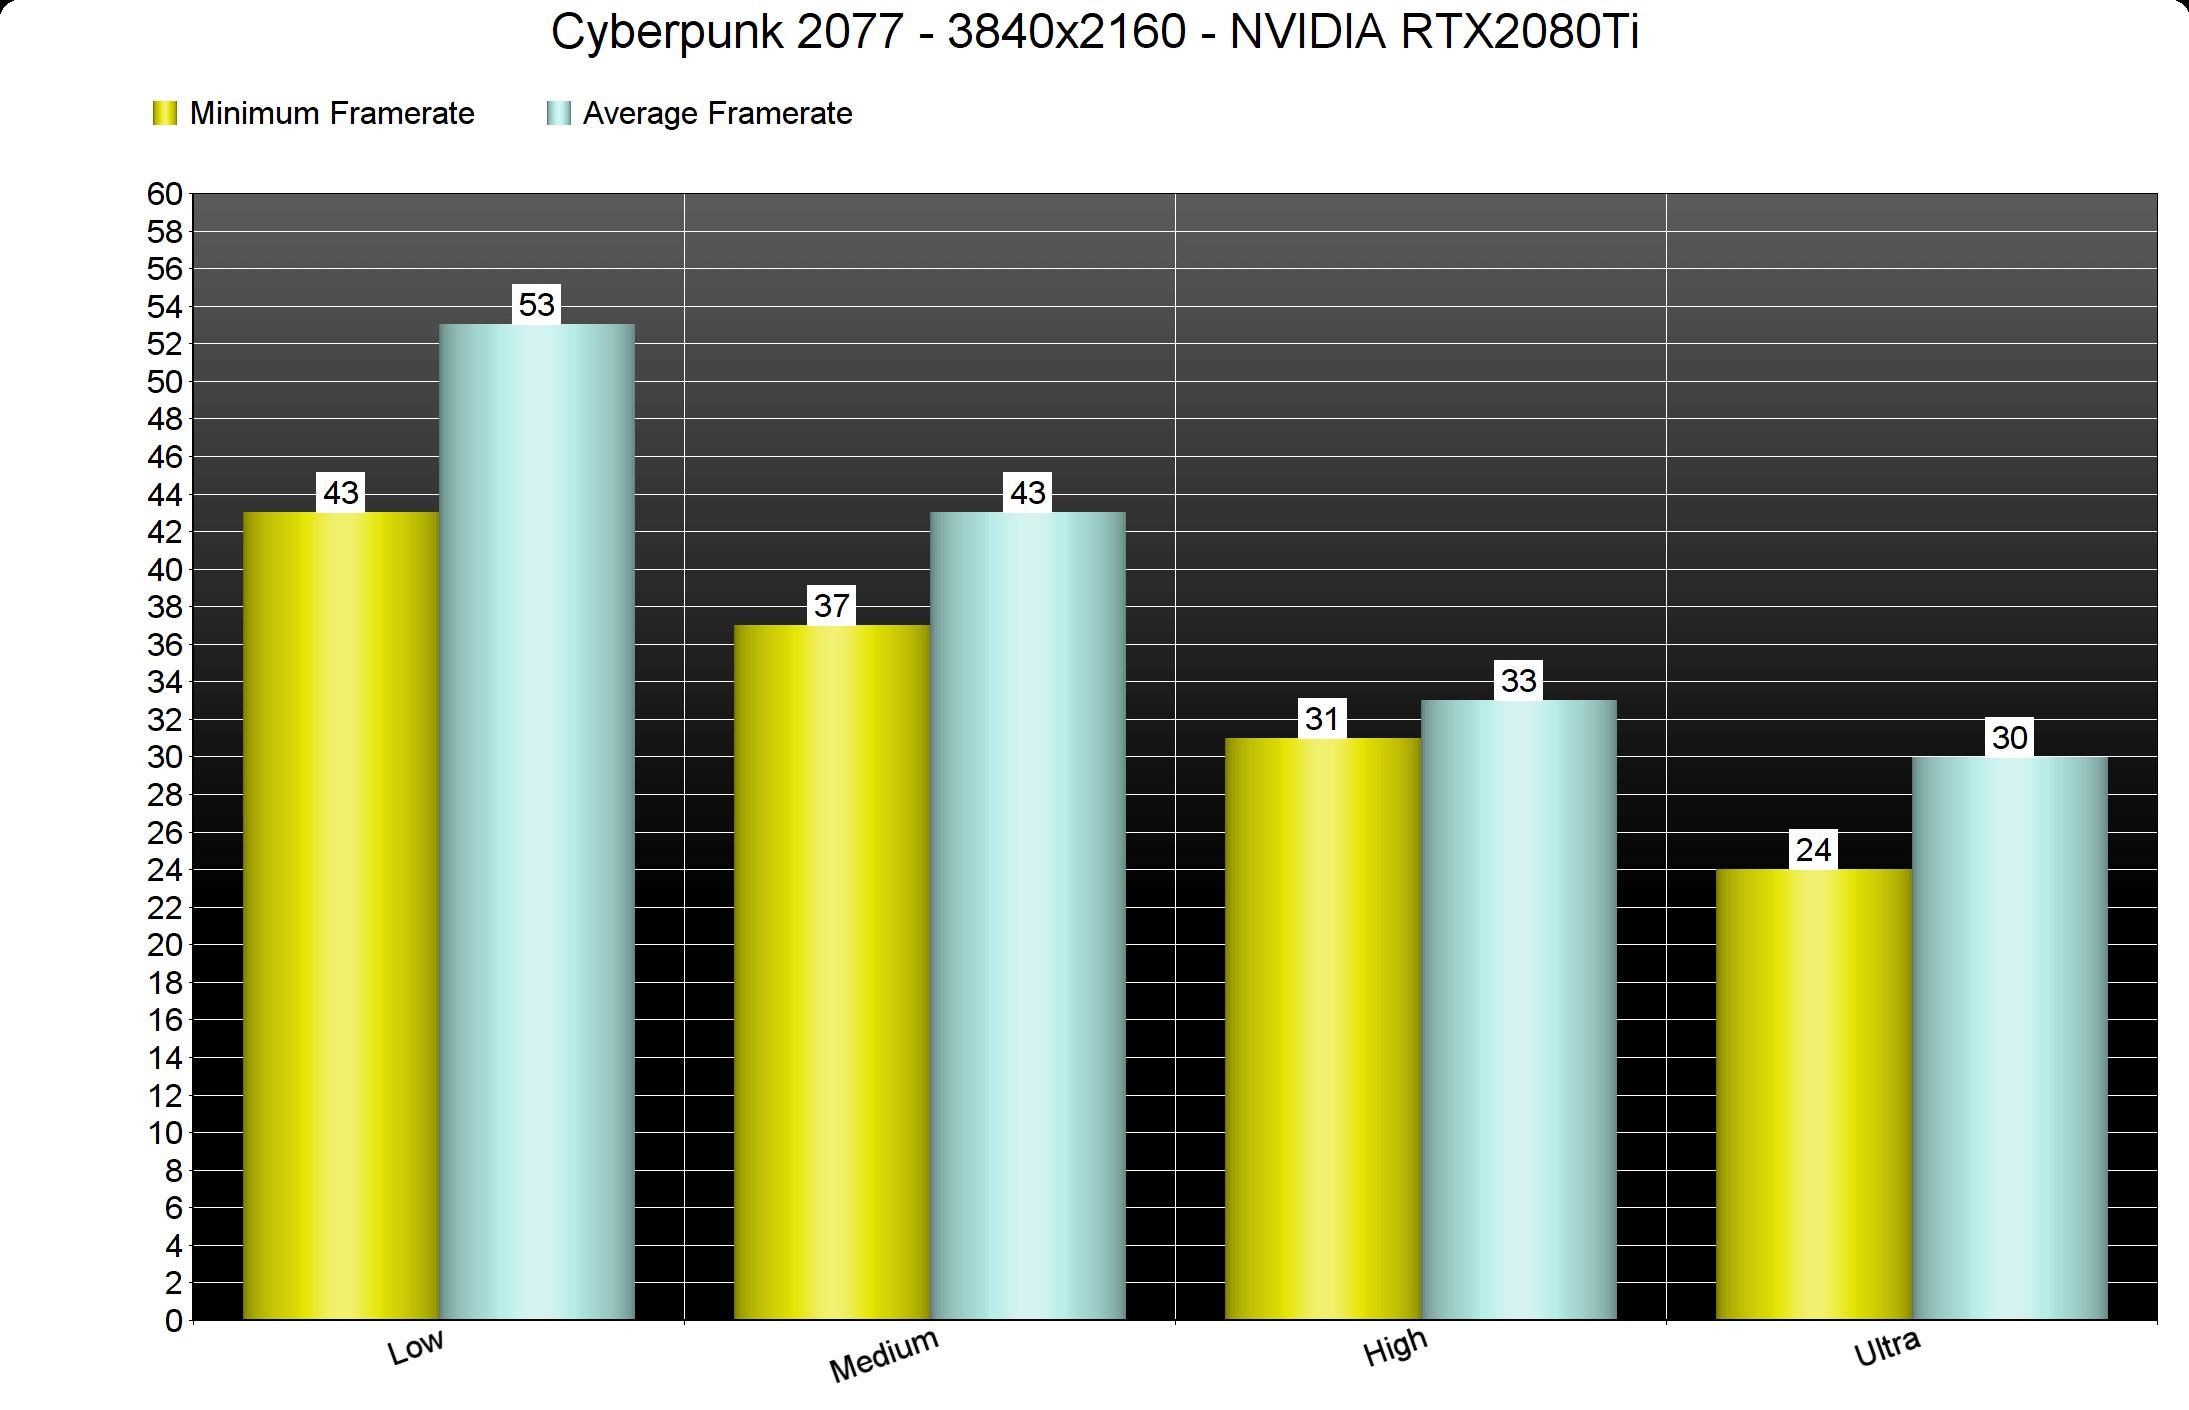 《赛博朋克2077》性能分析 画面最棒的PC游戏之一